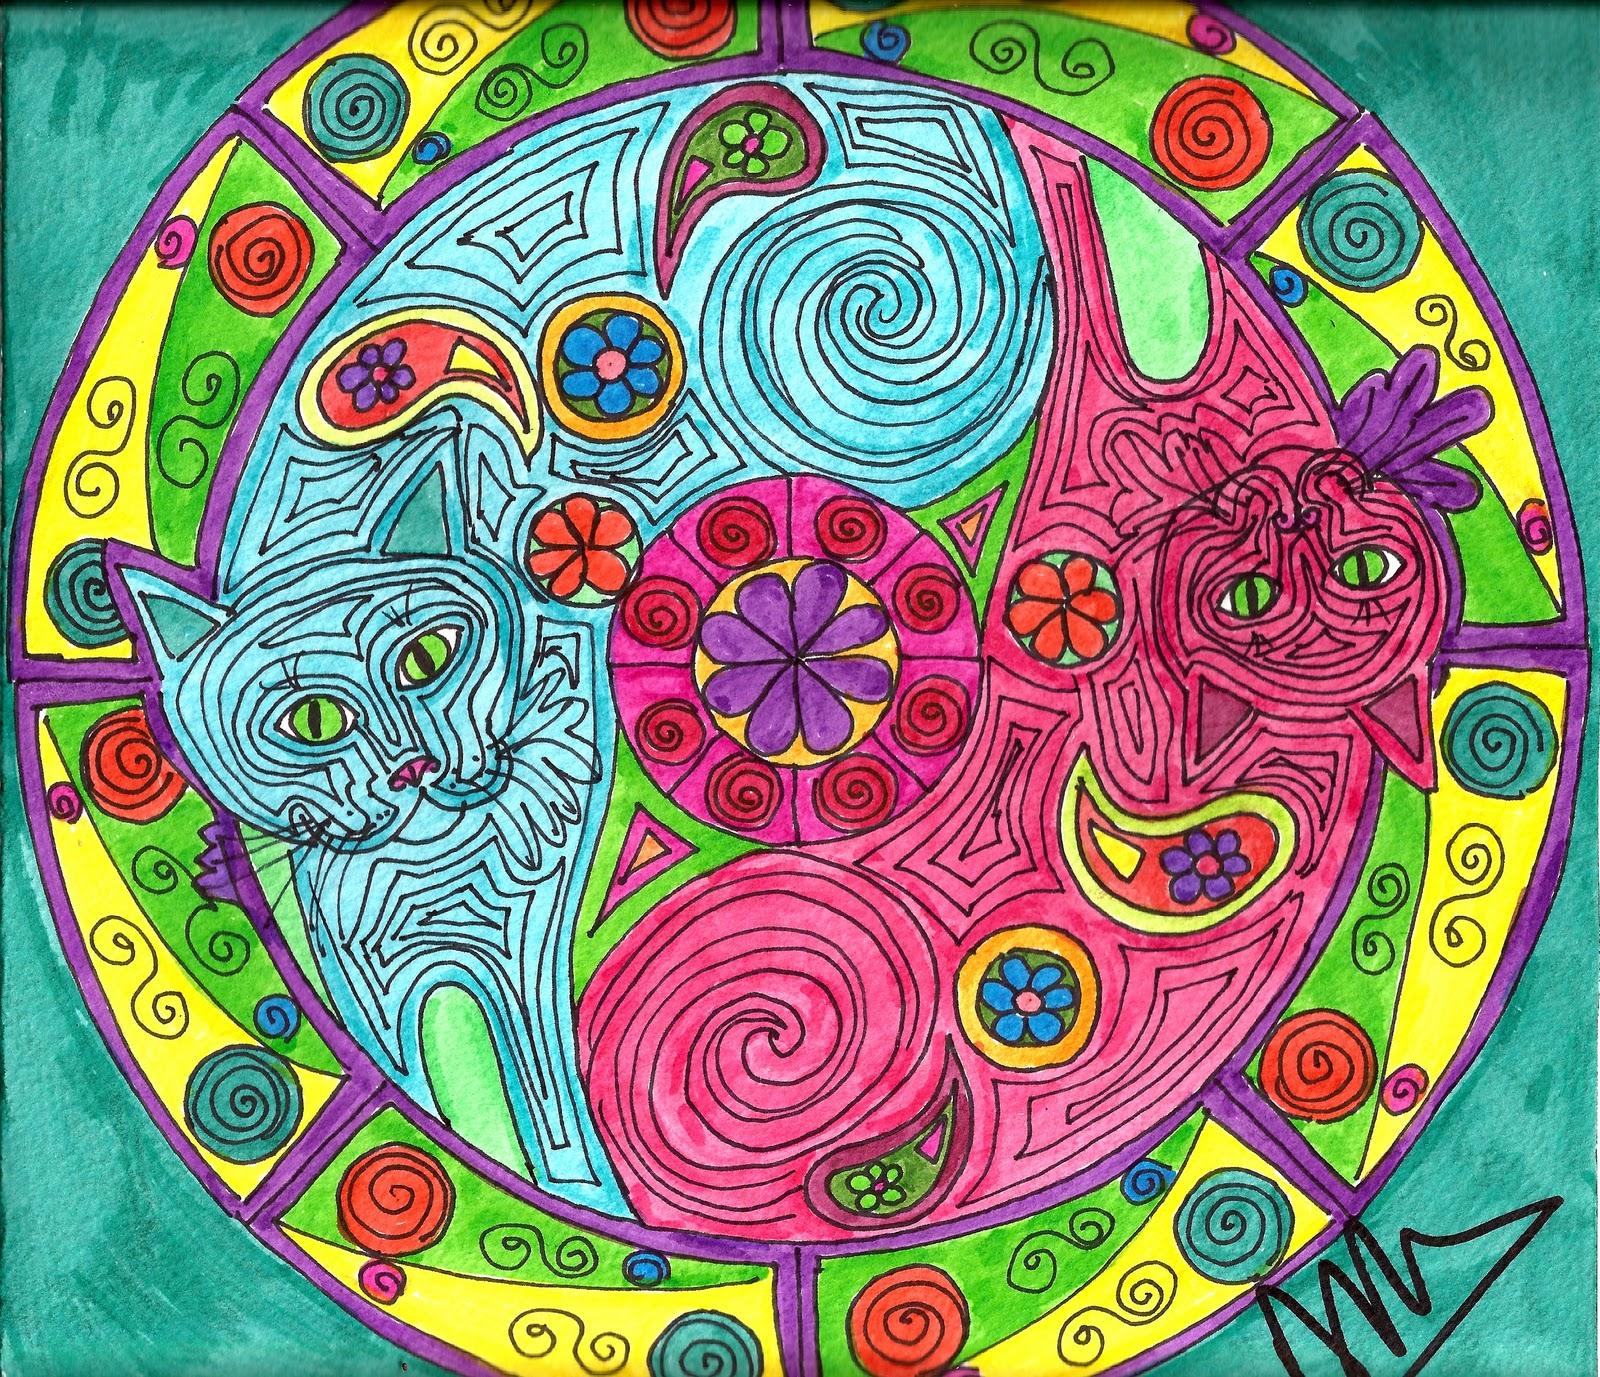 Adriana Azzolina Pinturas Mandala Gatuna - Pinturas-de-mandalas